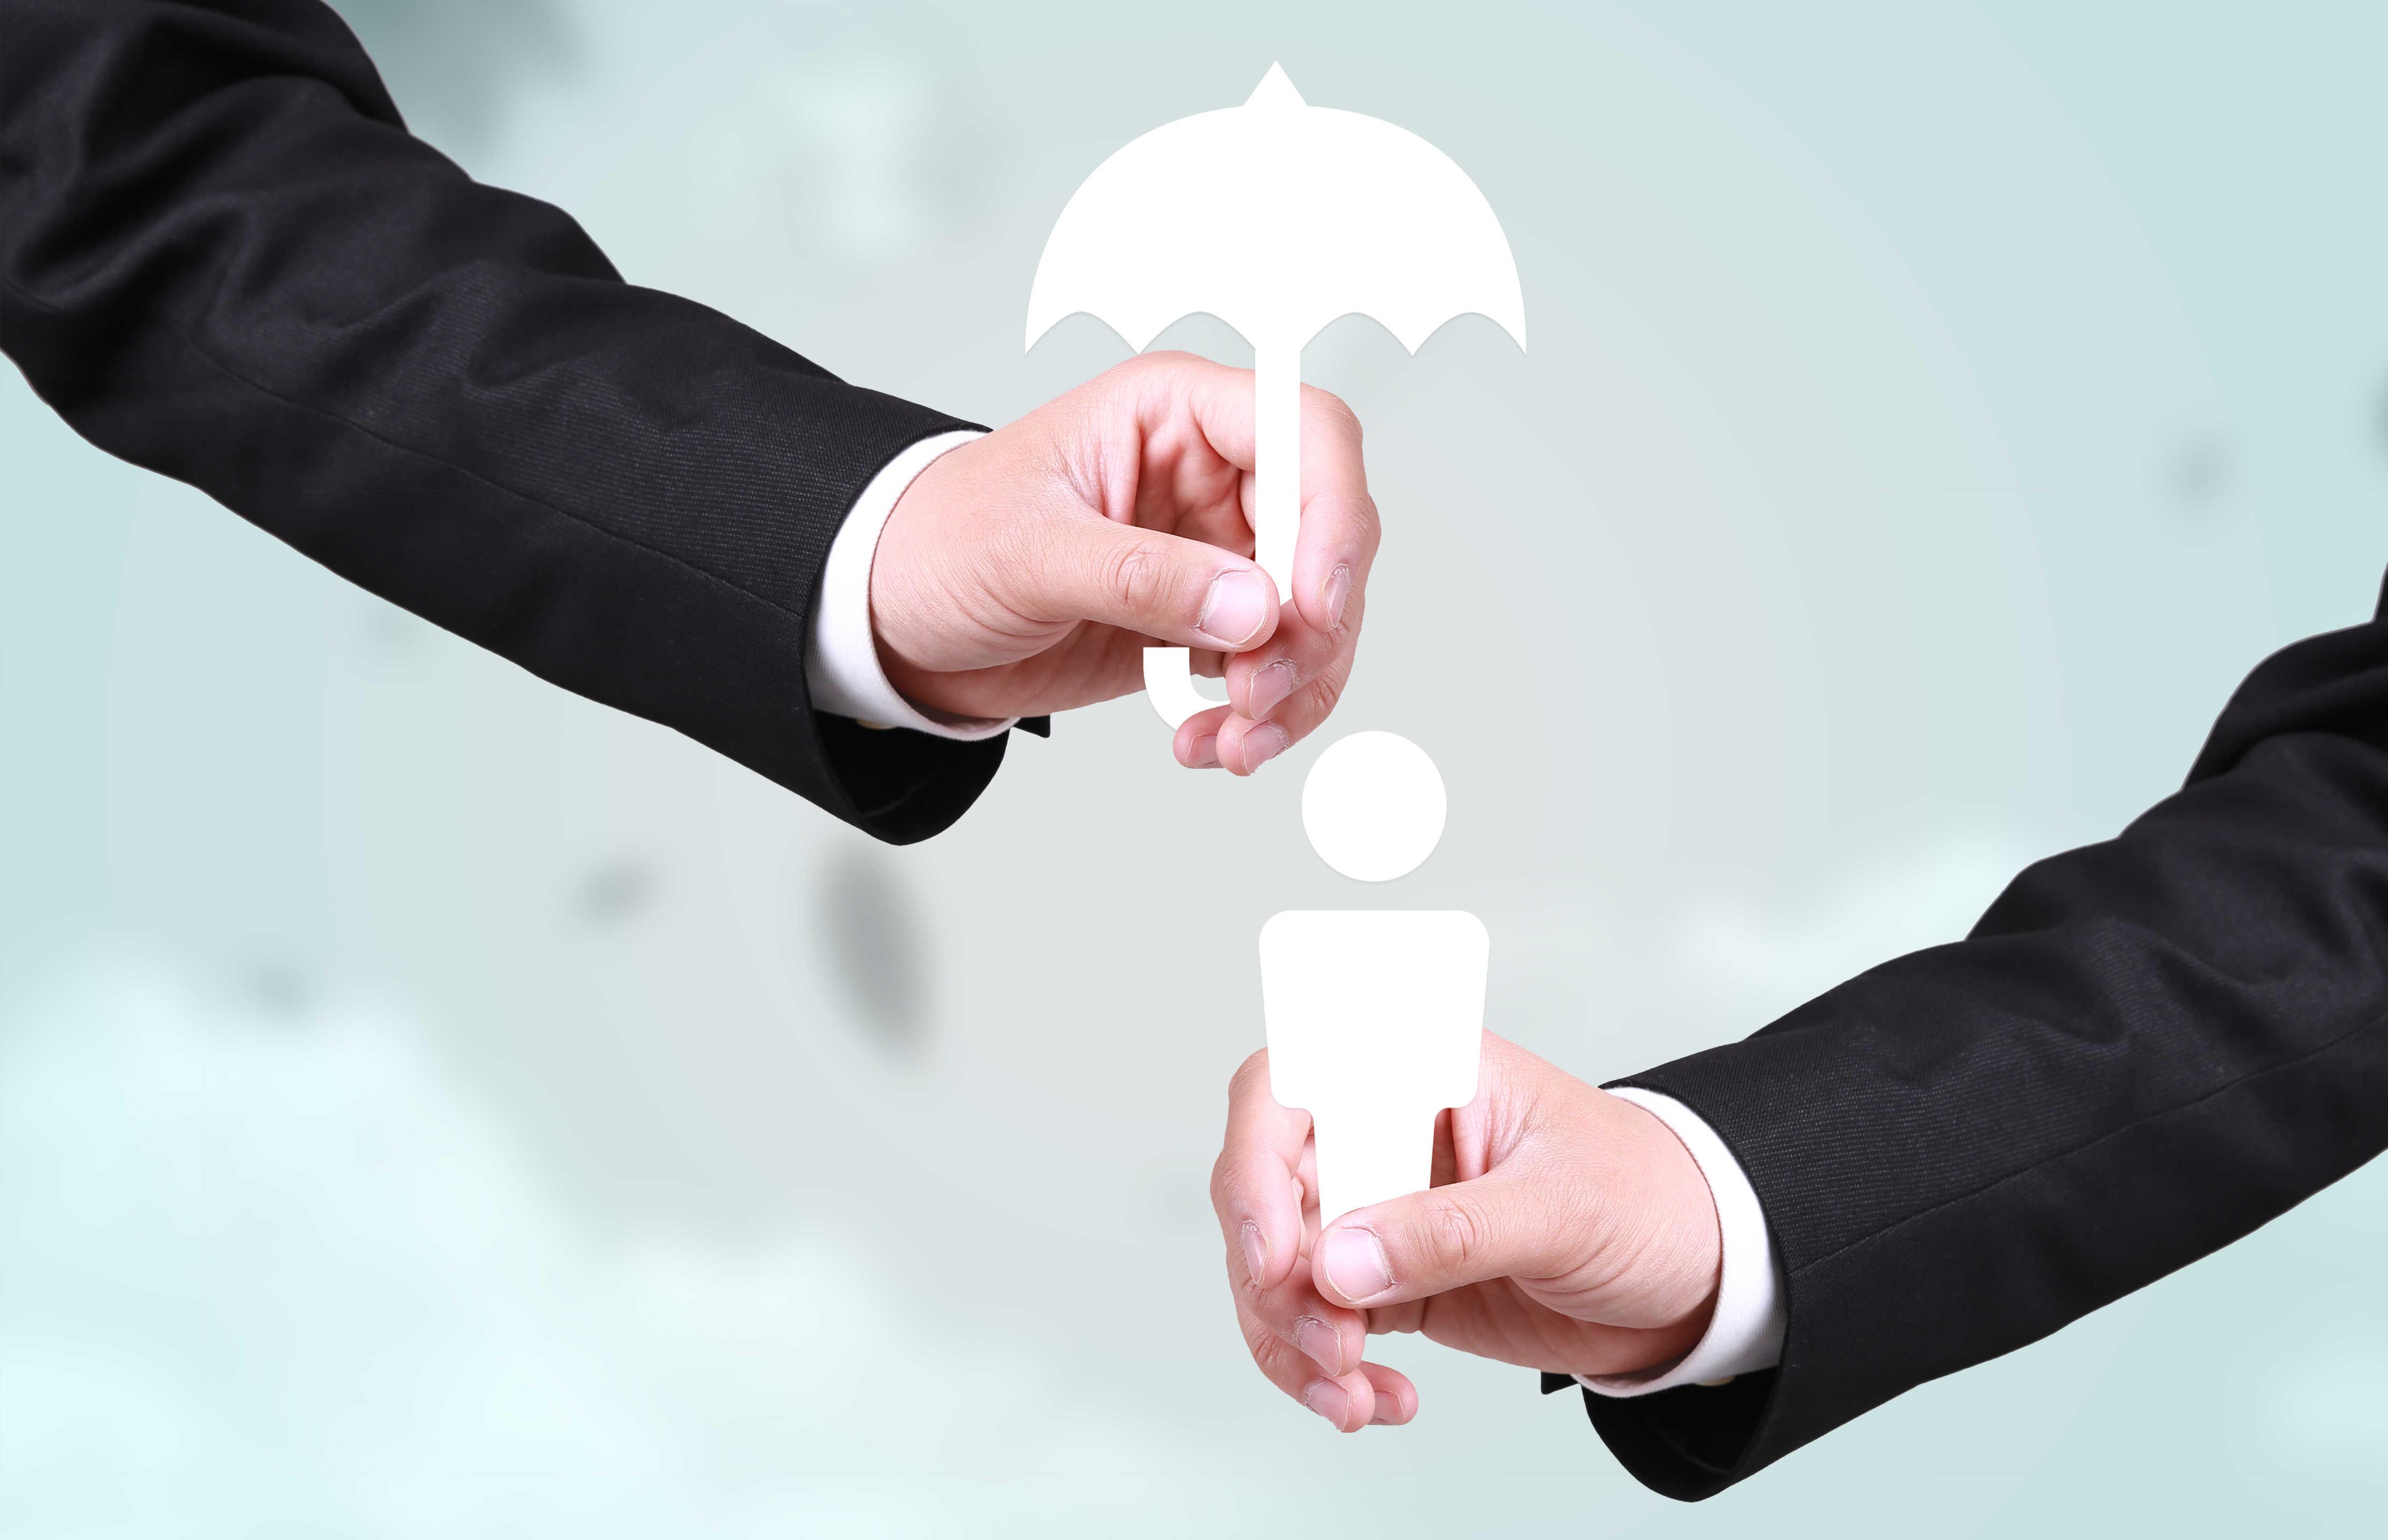 企业社保代缴如何避免断交,代缴社保的企业,代理社保